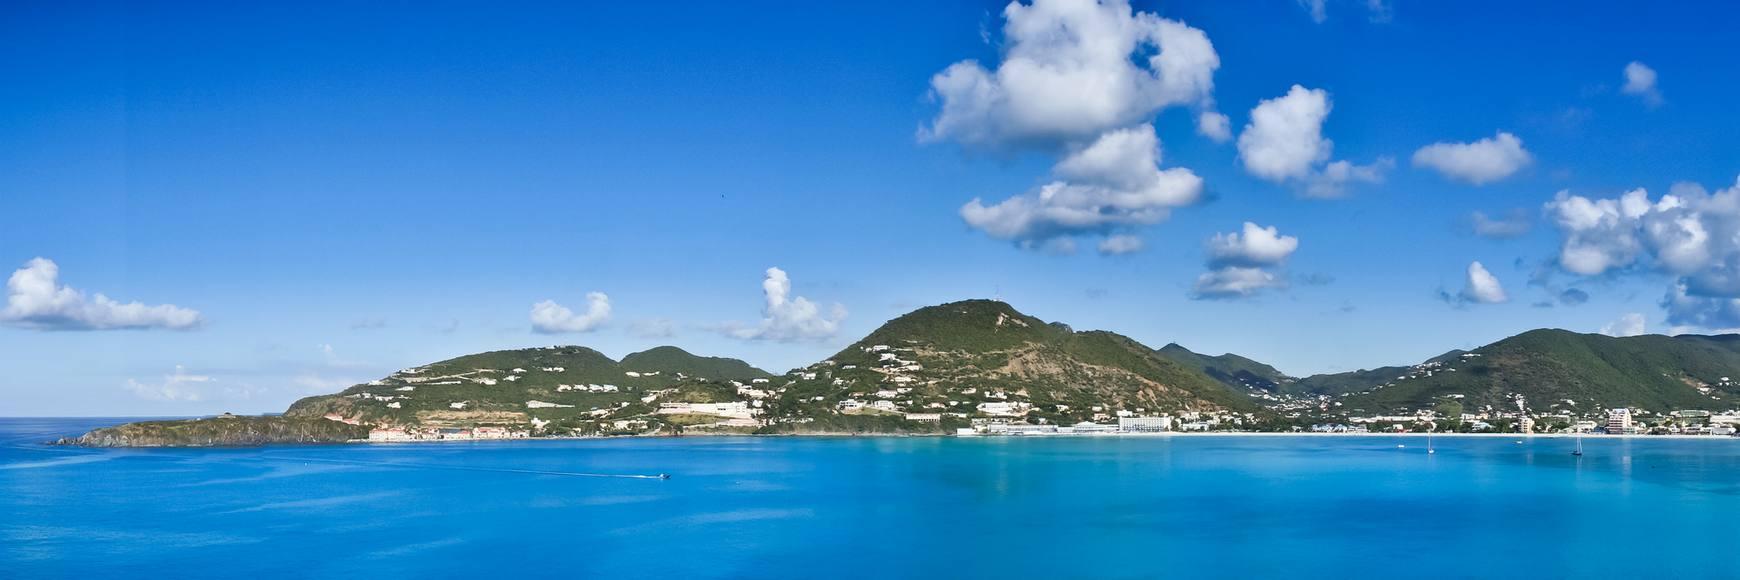 noleggio barca a vela Saint-Martin